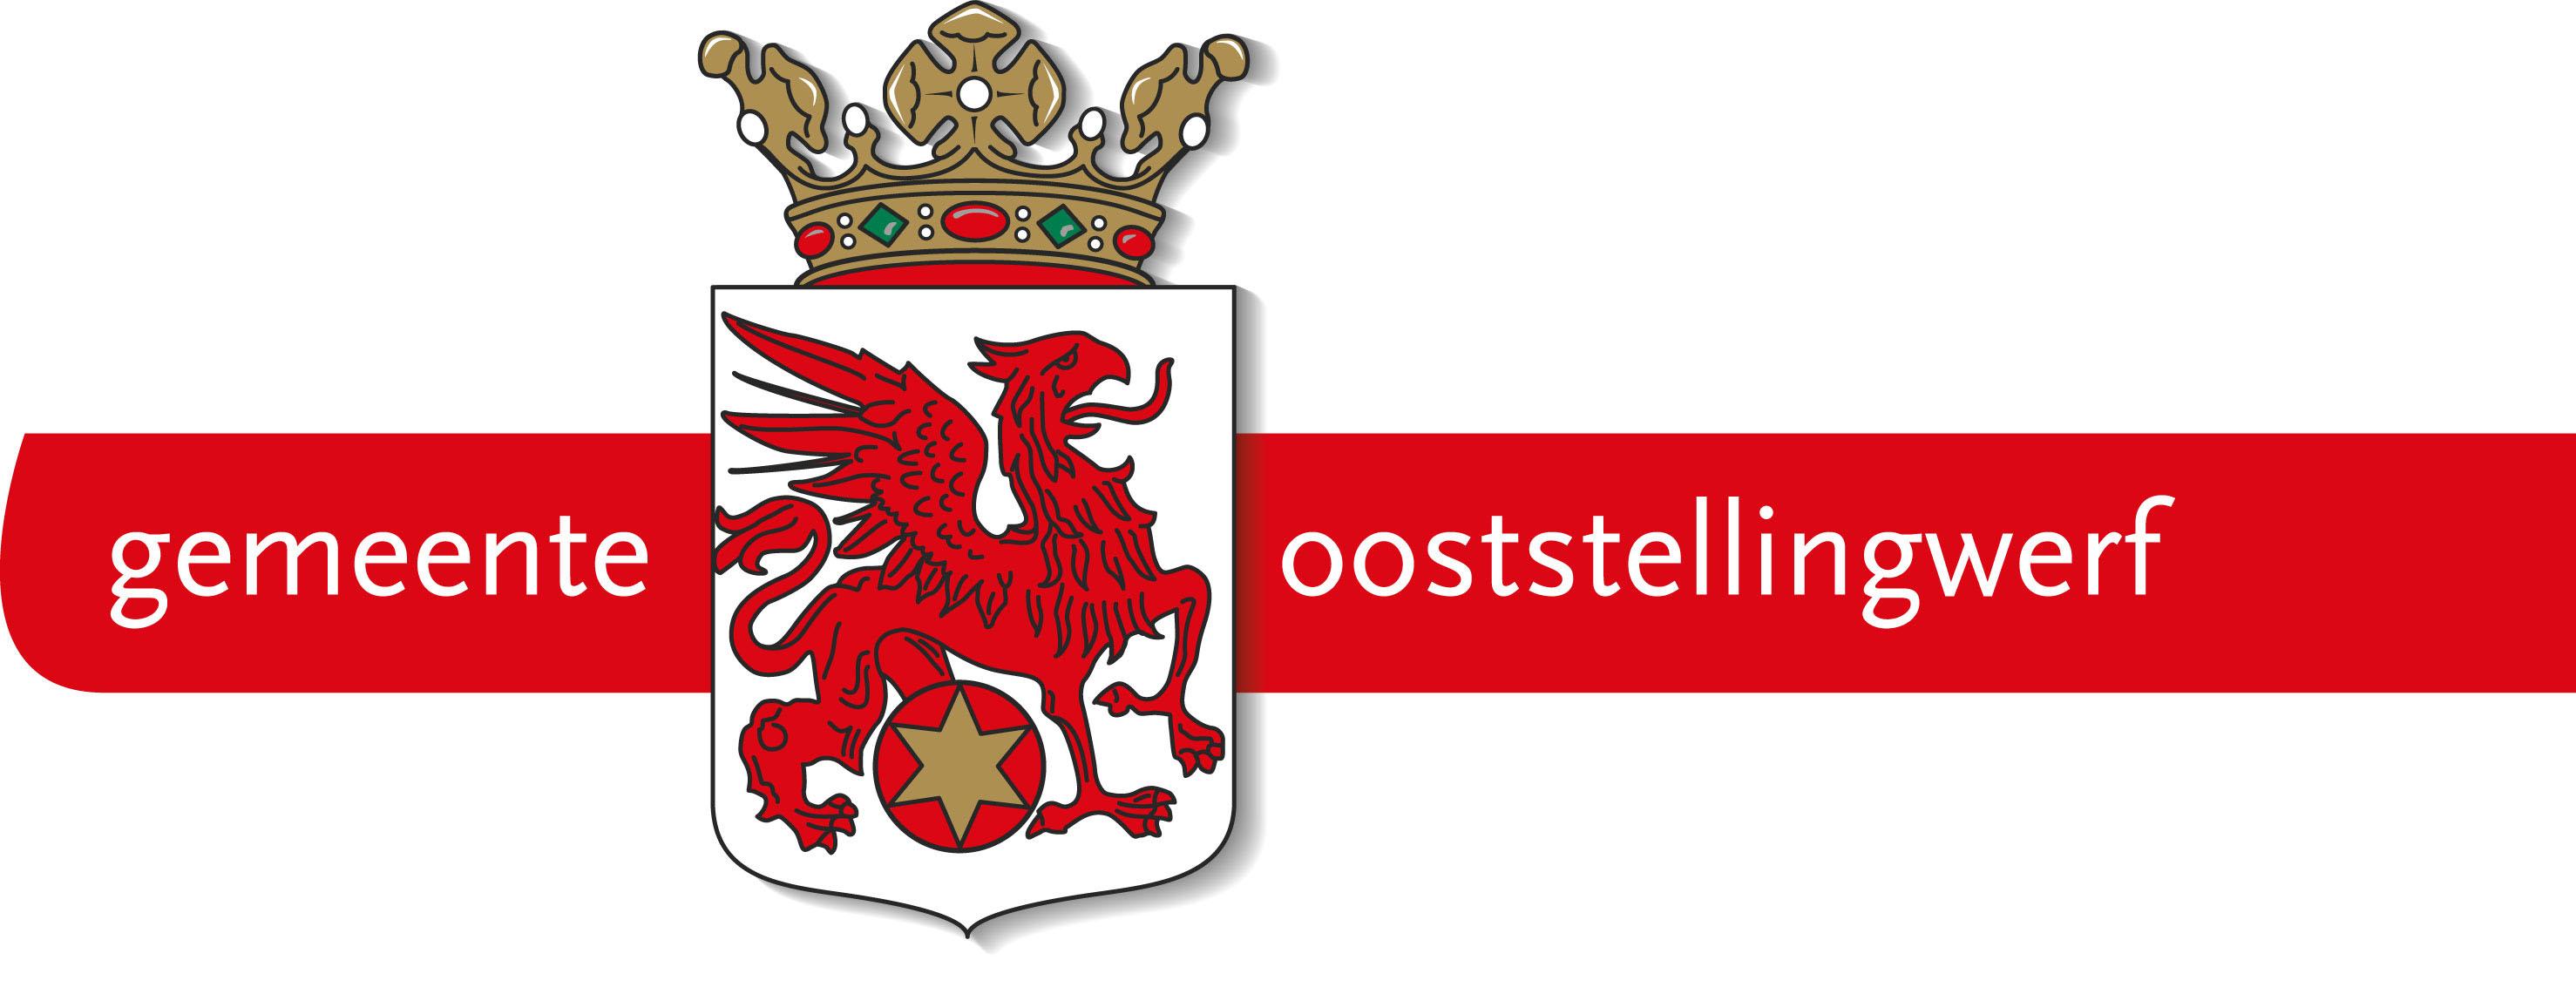 gemeente Ooststellingwerf logo